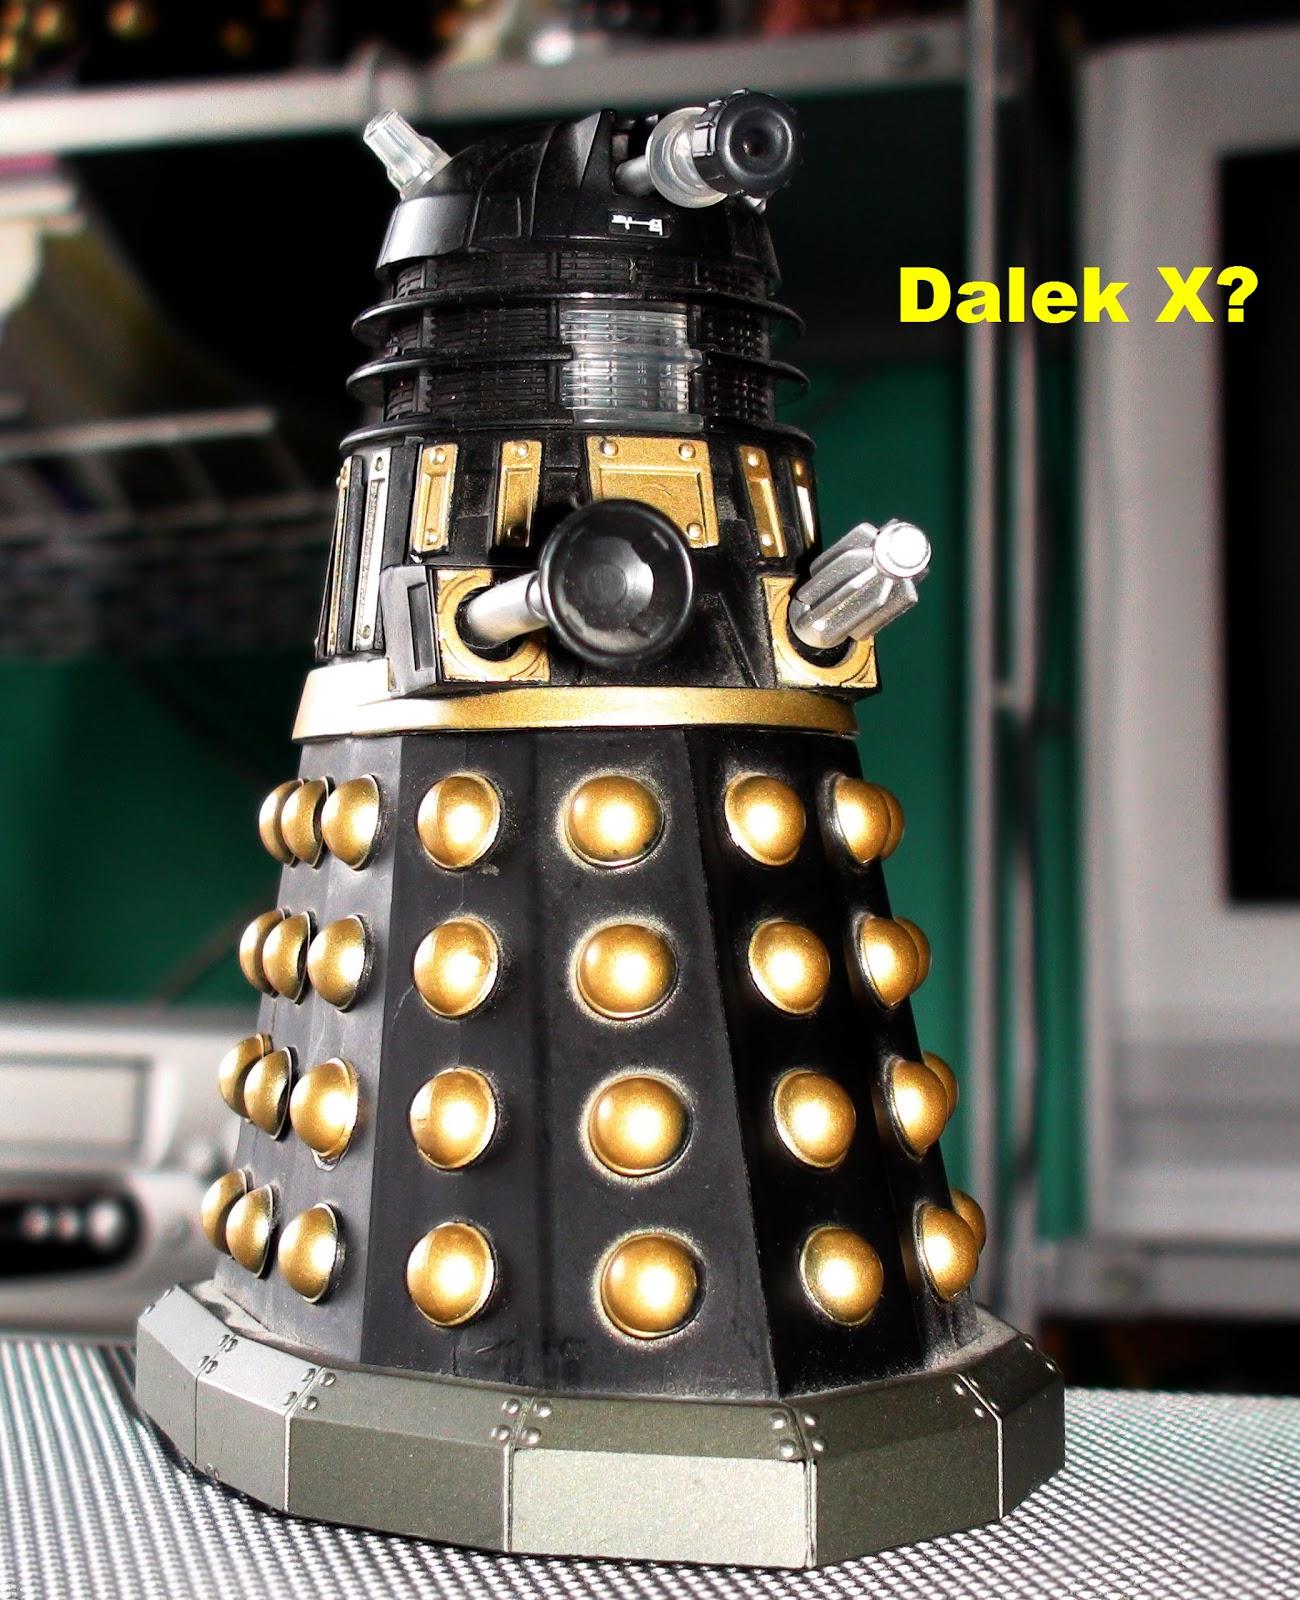 Dalek X2.jpg